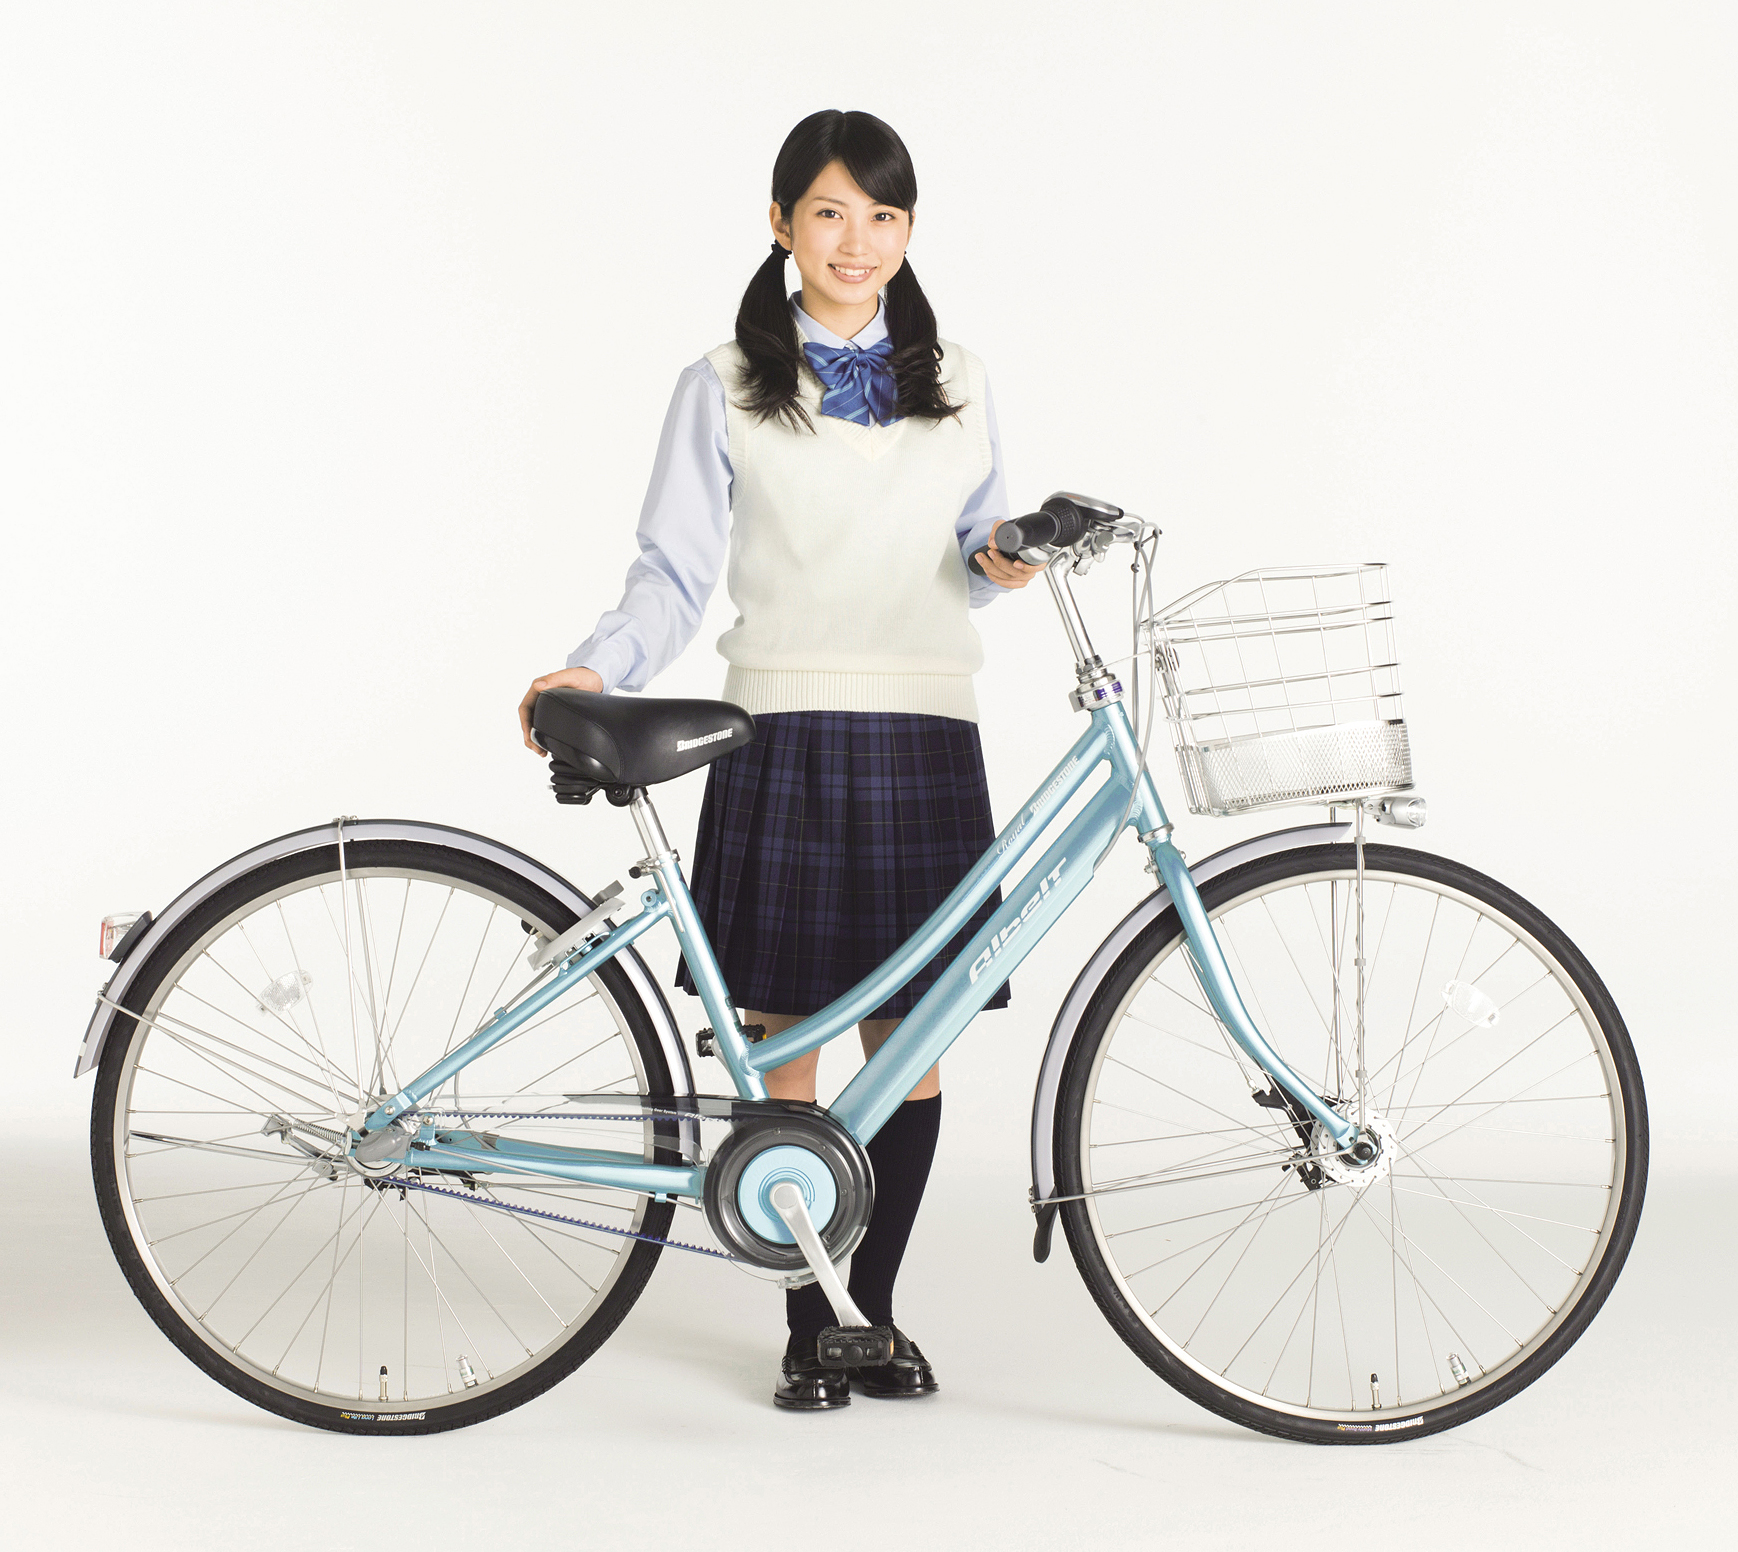 自転車の ブリジストン 自転車 アルベルト : 適性をアップした通学用自転車 ...